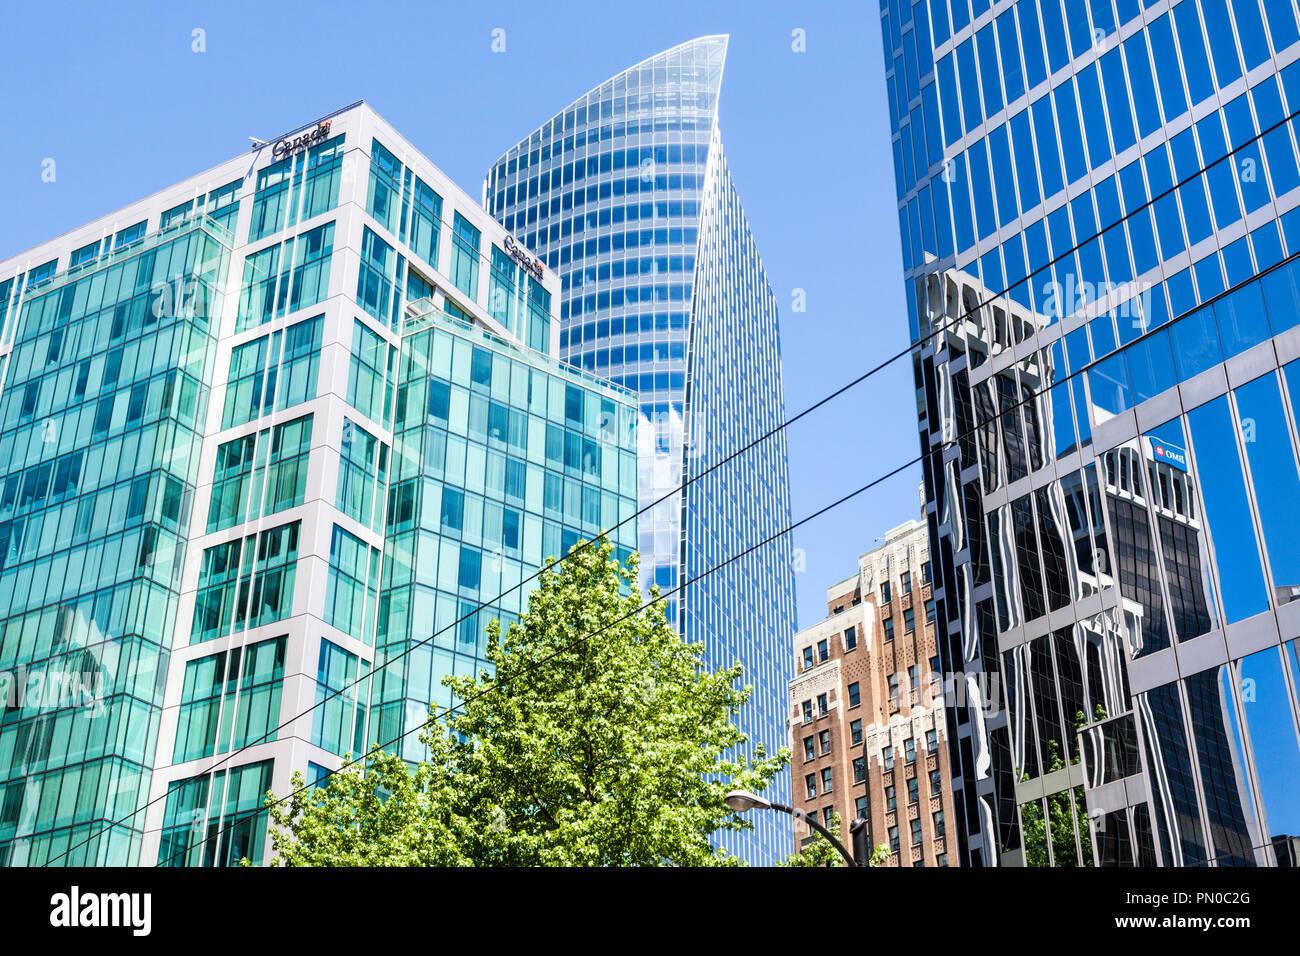 Arquitectura moderna y alta en Burrard Street en el centro de Vancouver, British Columbia, Canadá Foto de stock